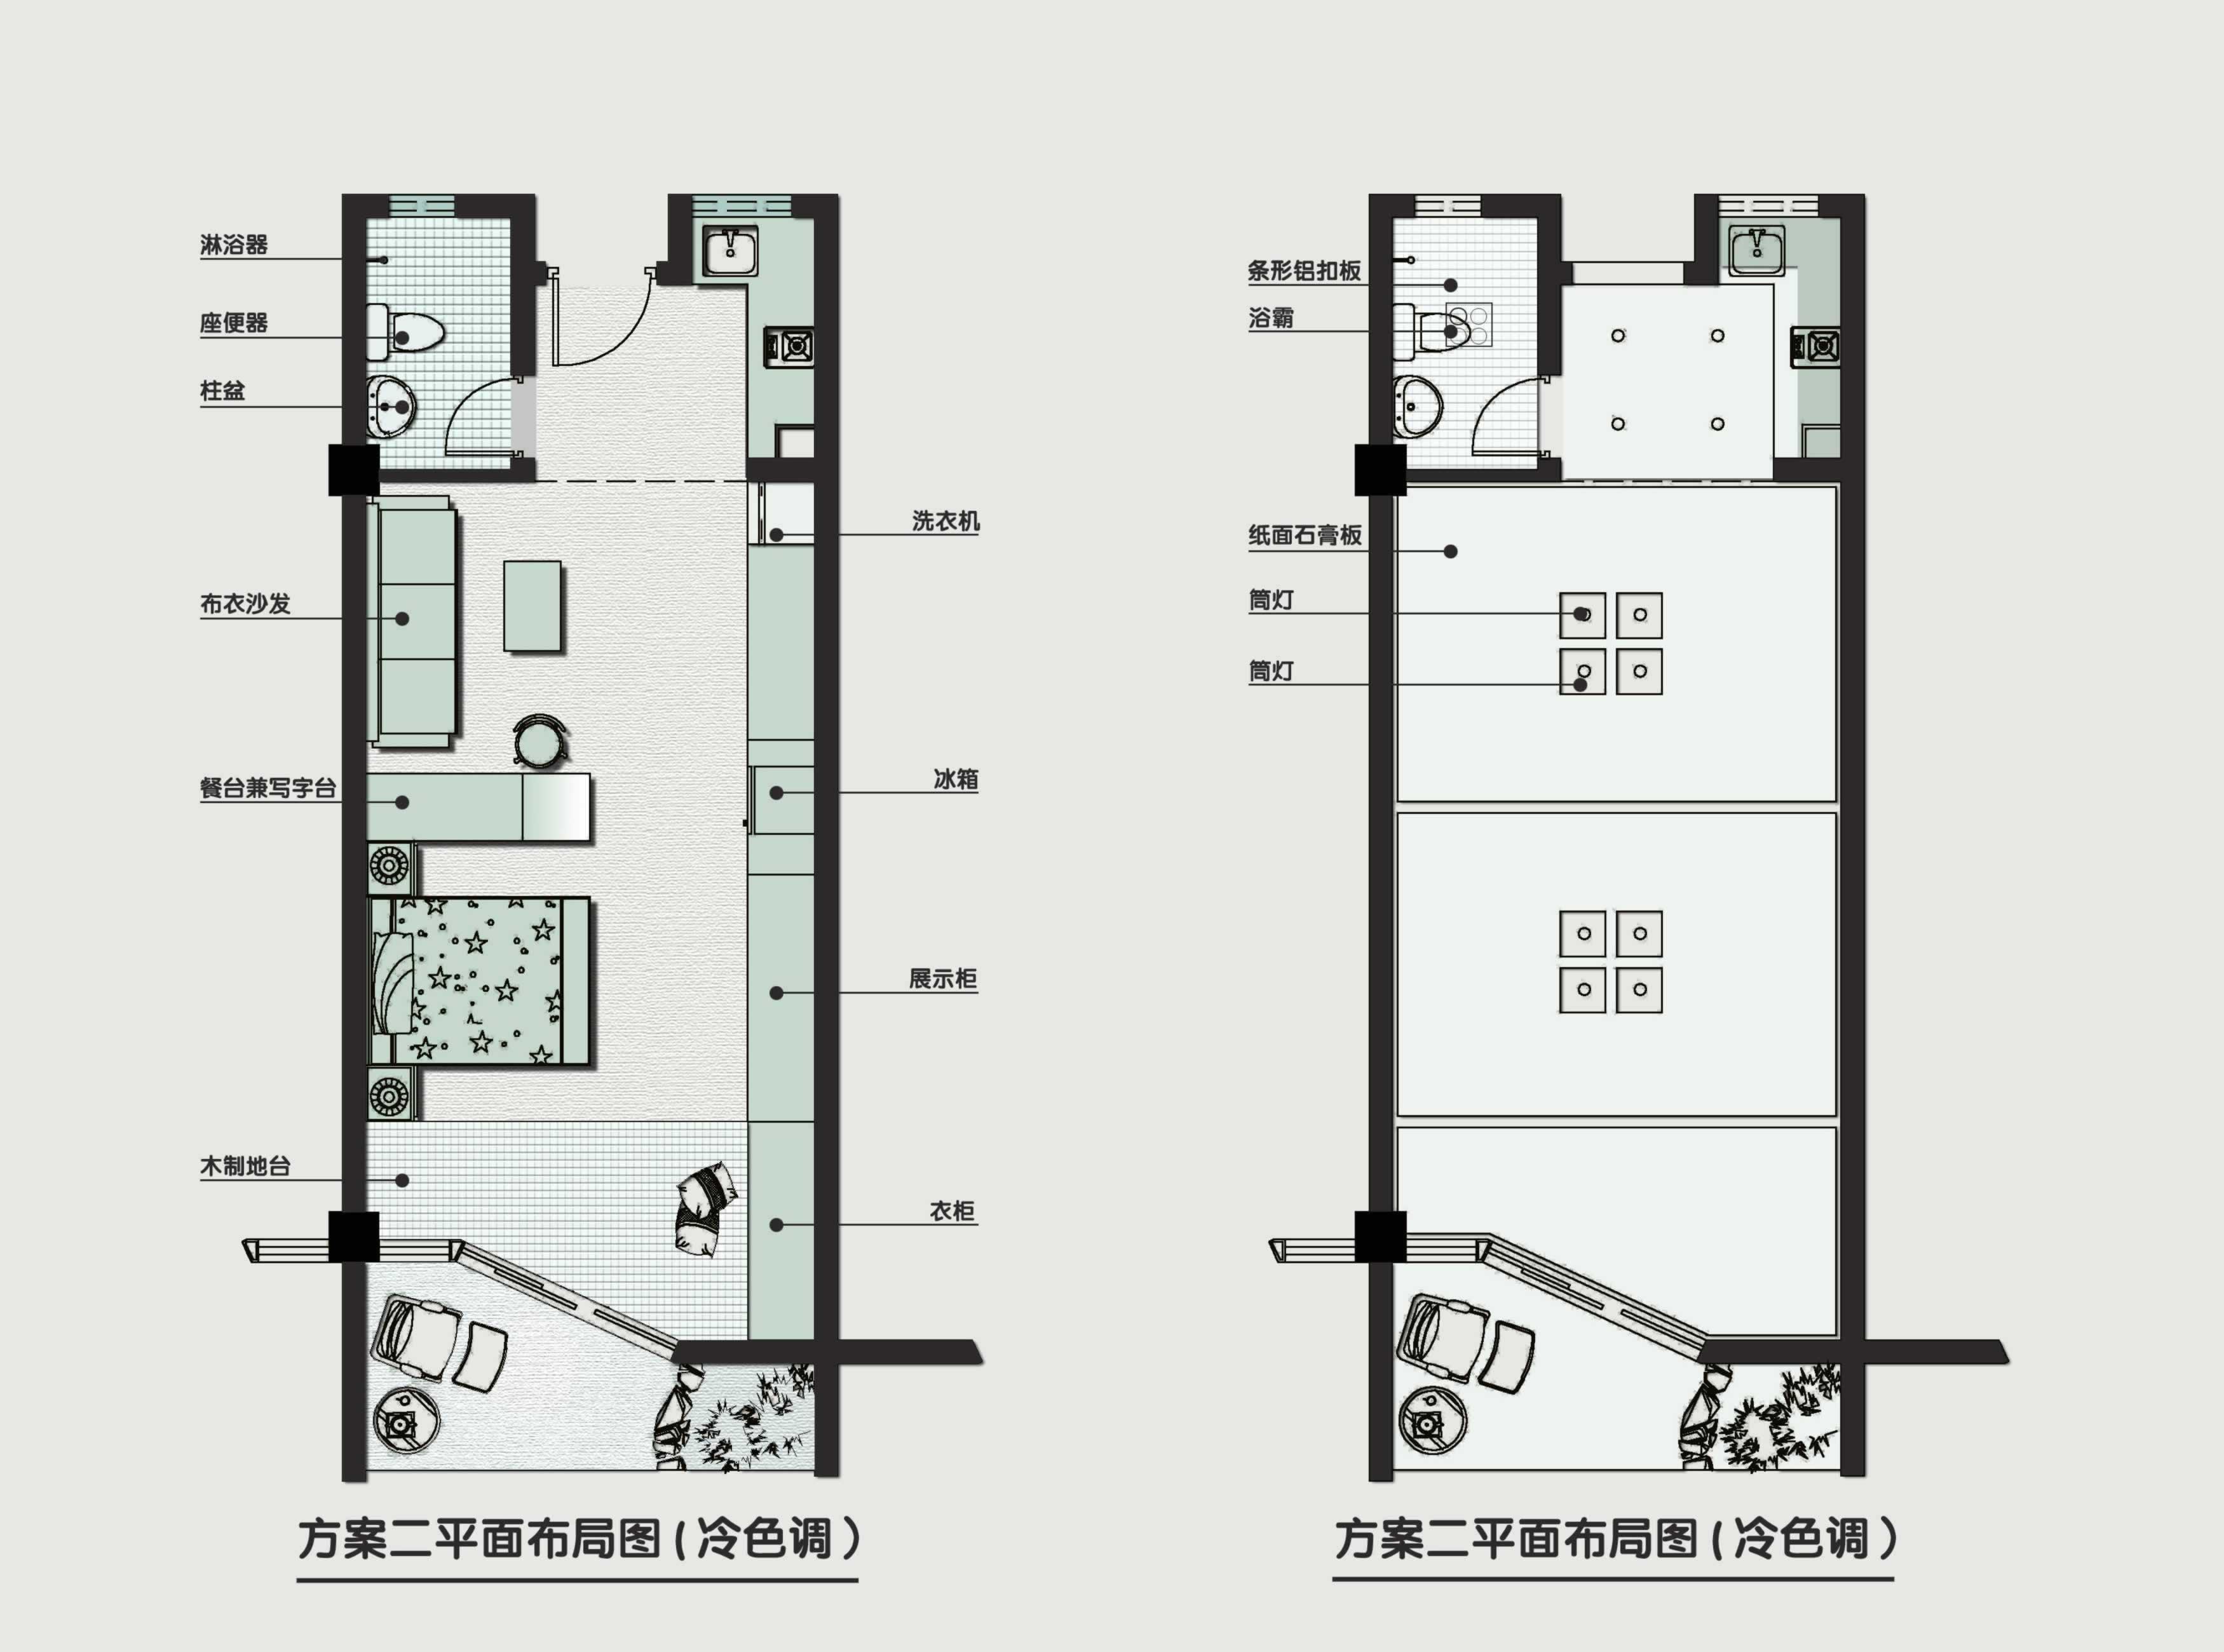 简约风格单身公寓平面设计图